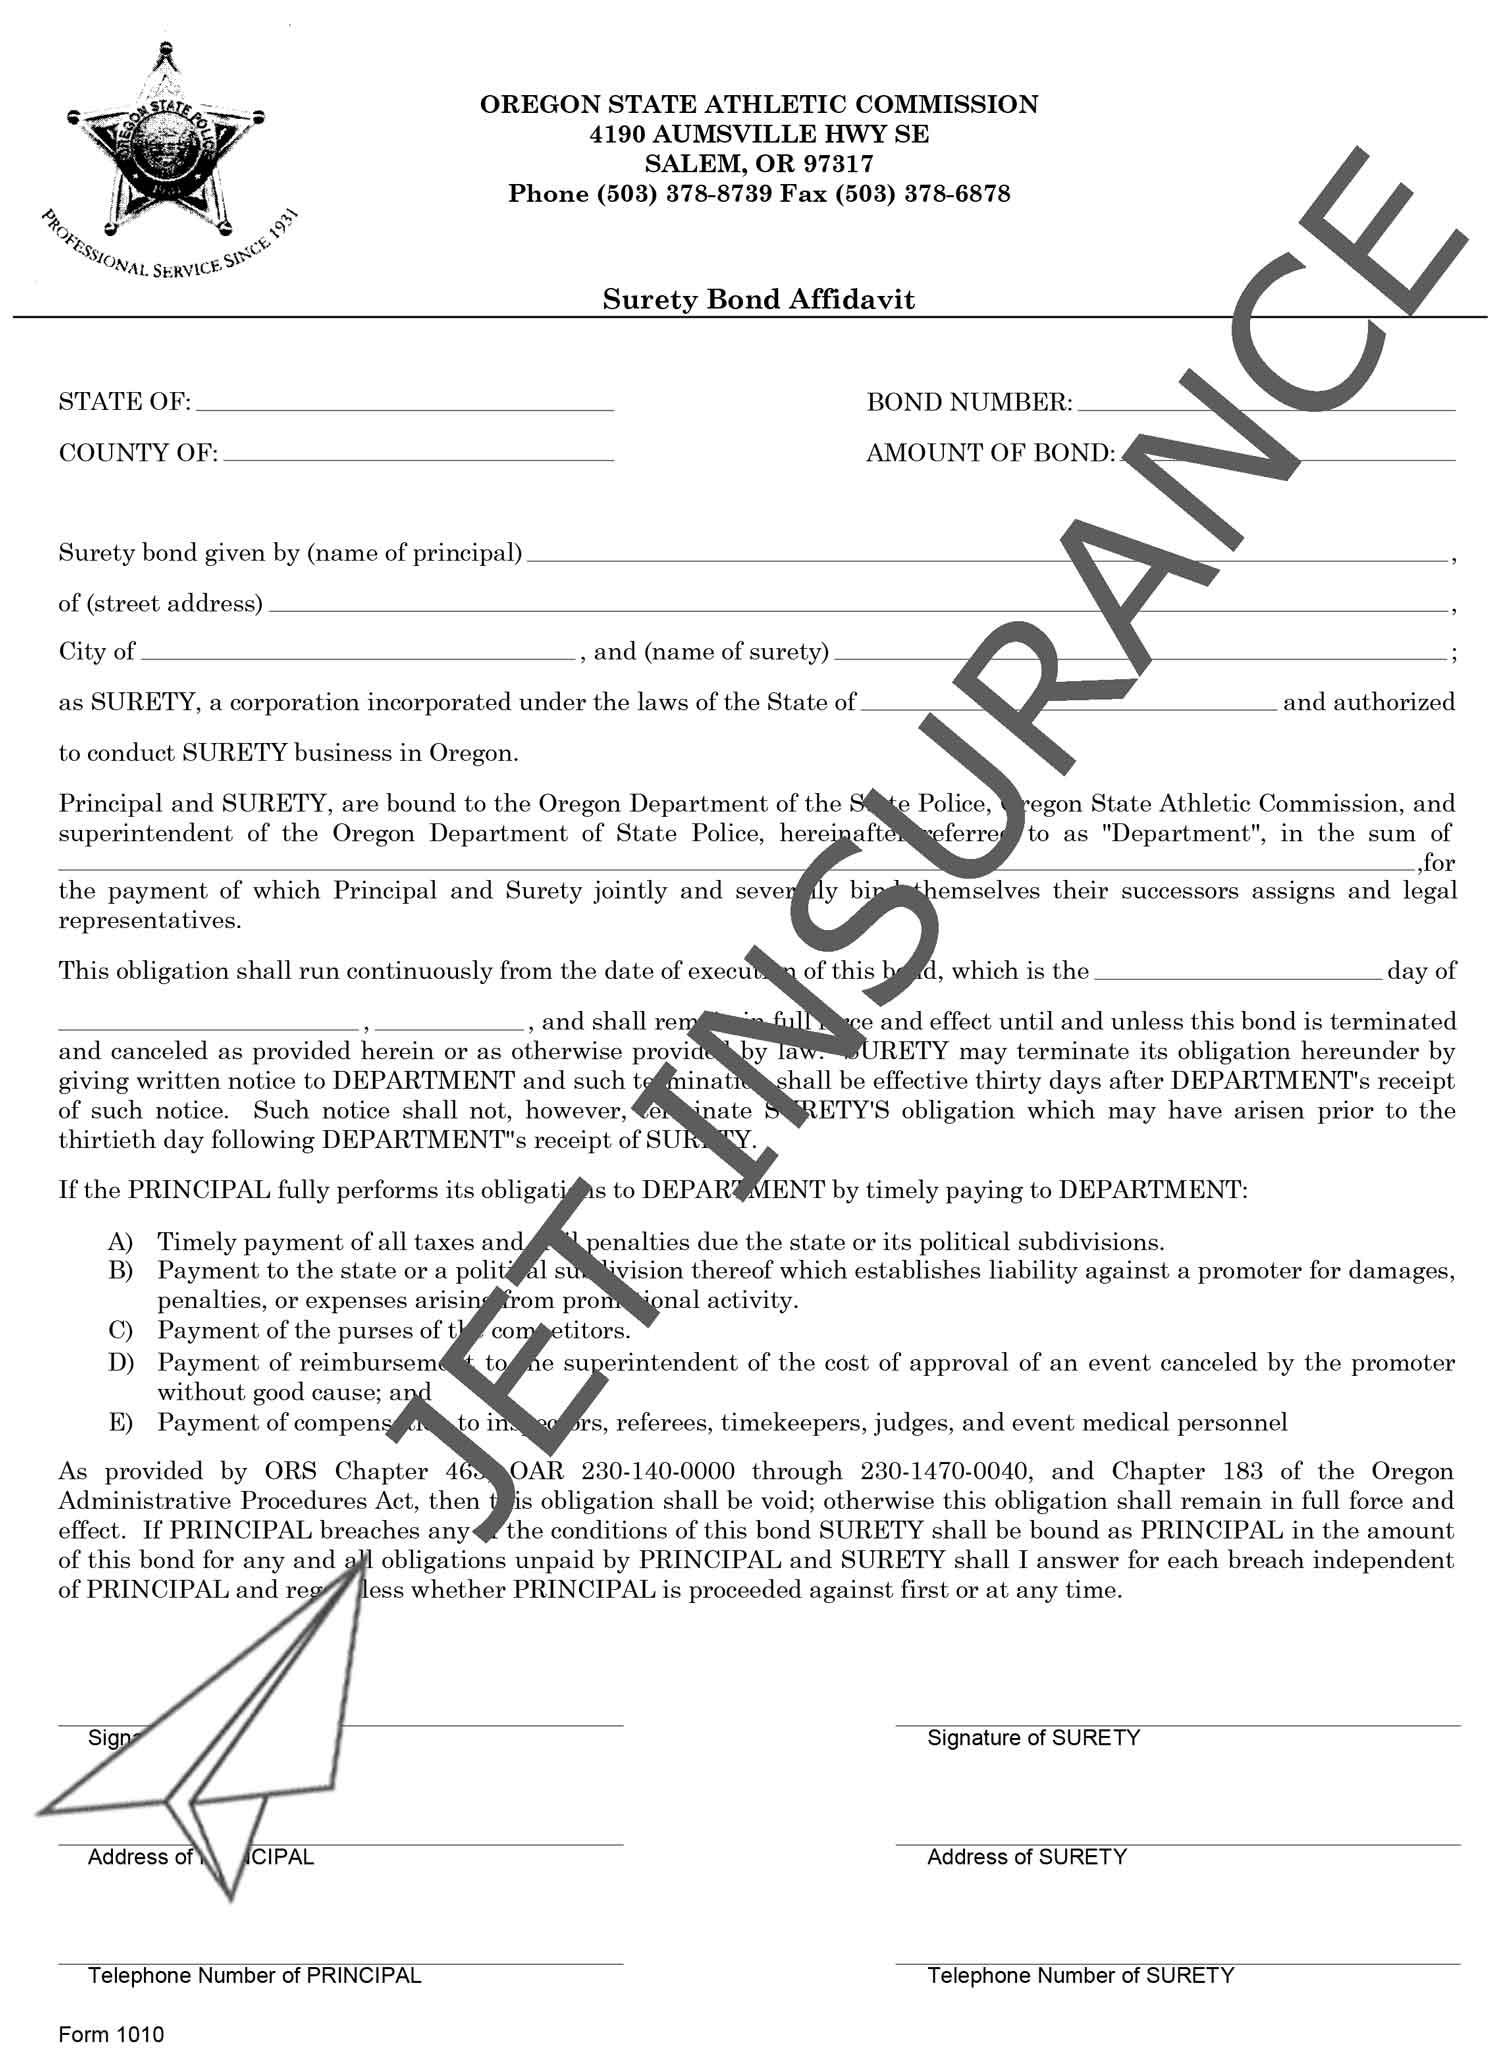 Oregon Fight Promoter License Bond Form